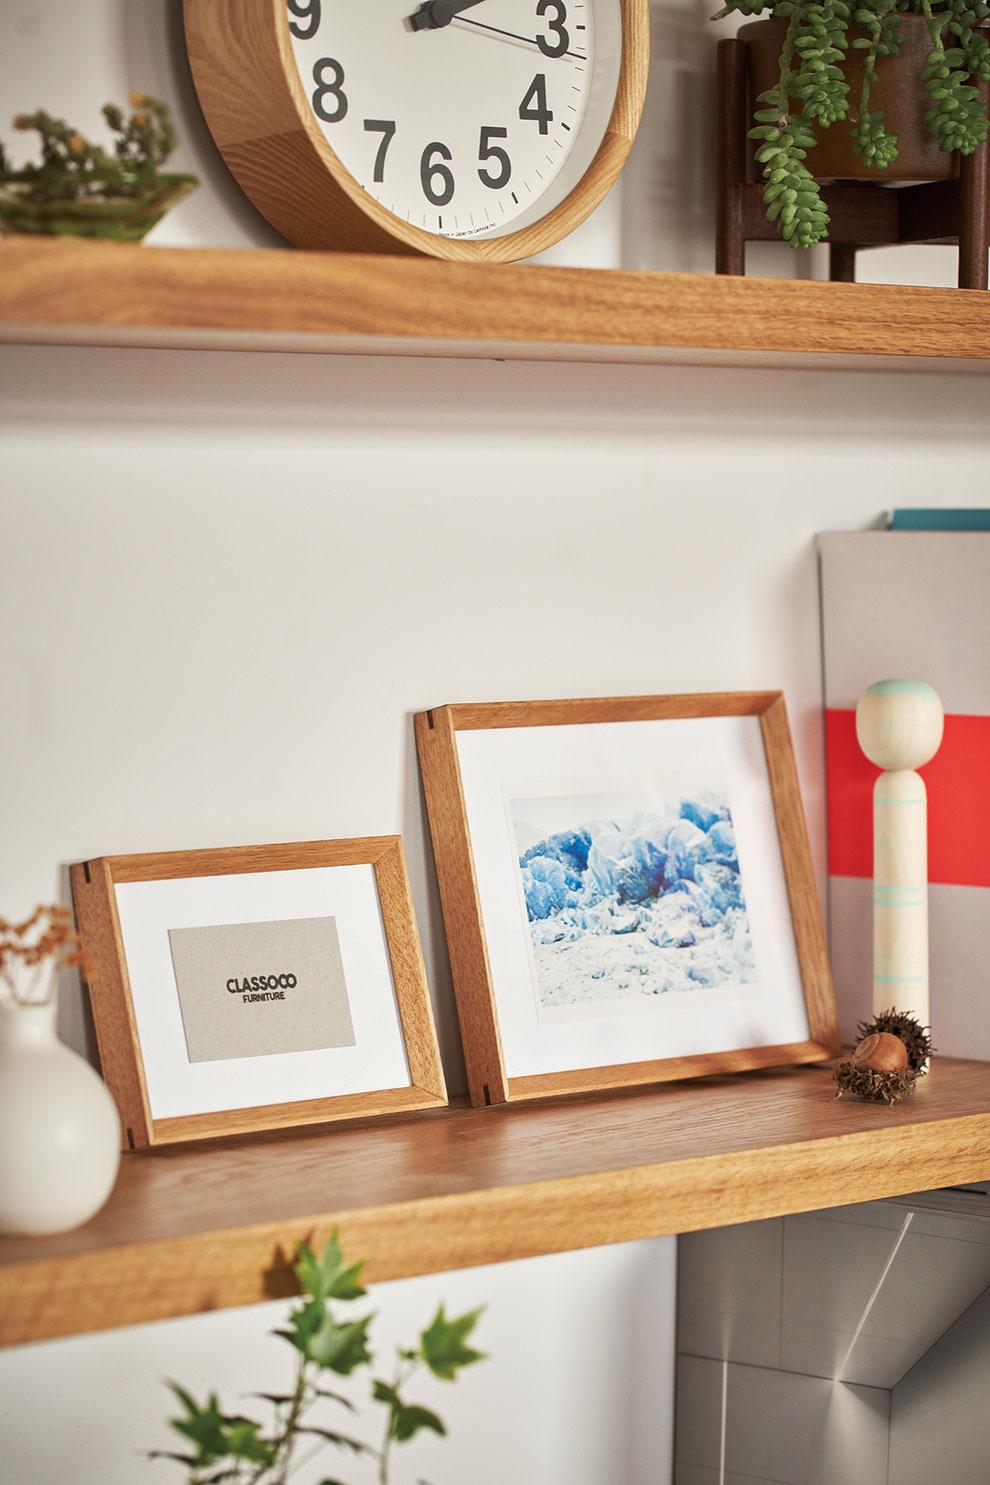 クラスコファニチャー オリジナル家具 アートフレーム 無垢材 オイル仕上げ